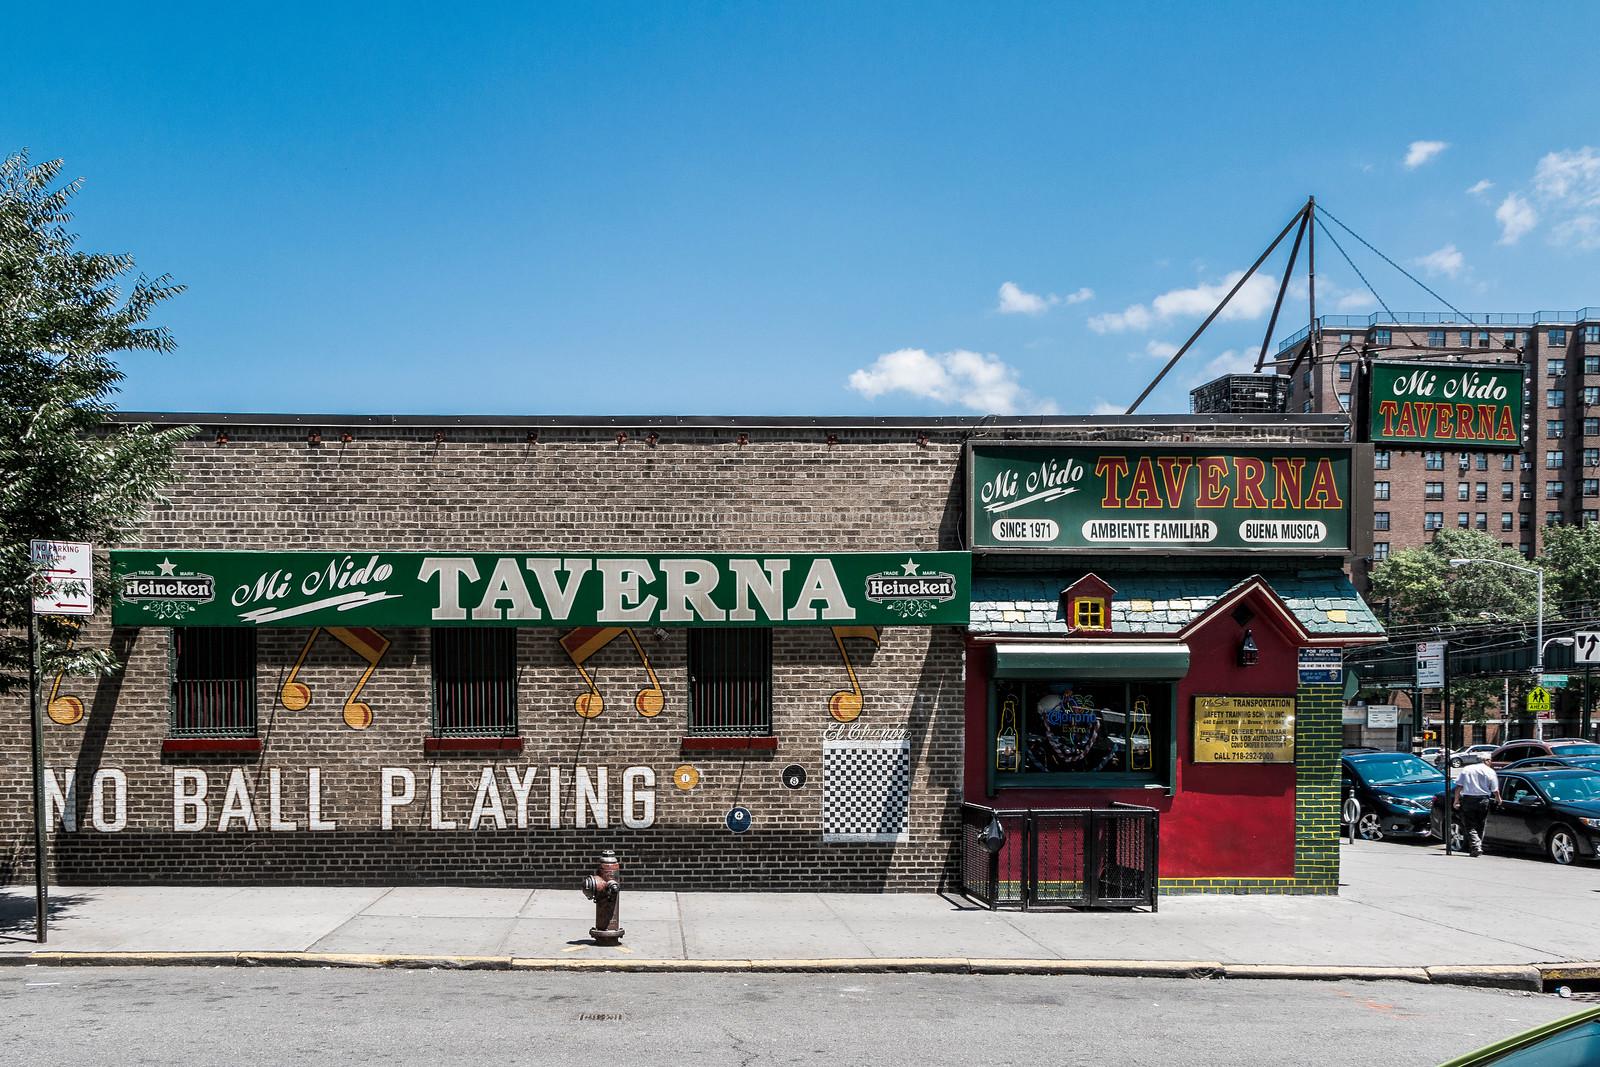 Mi Nido Taverna